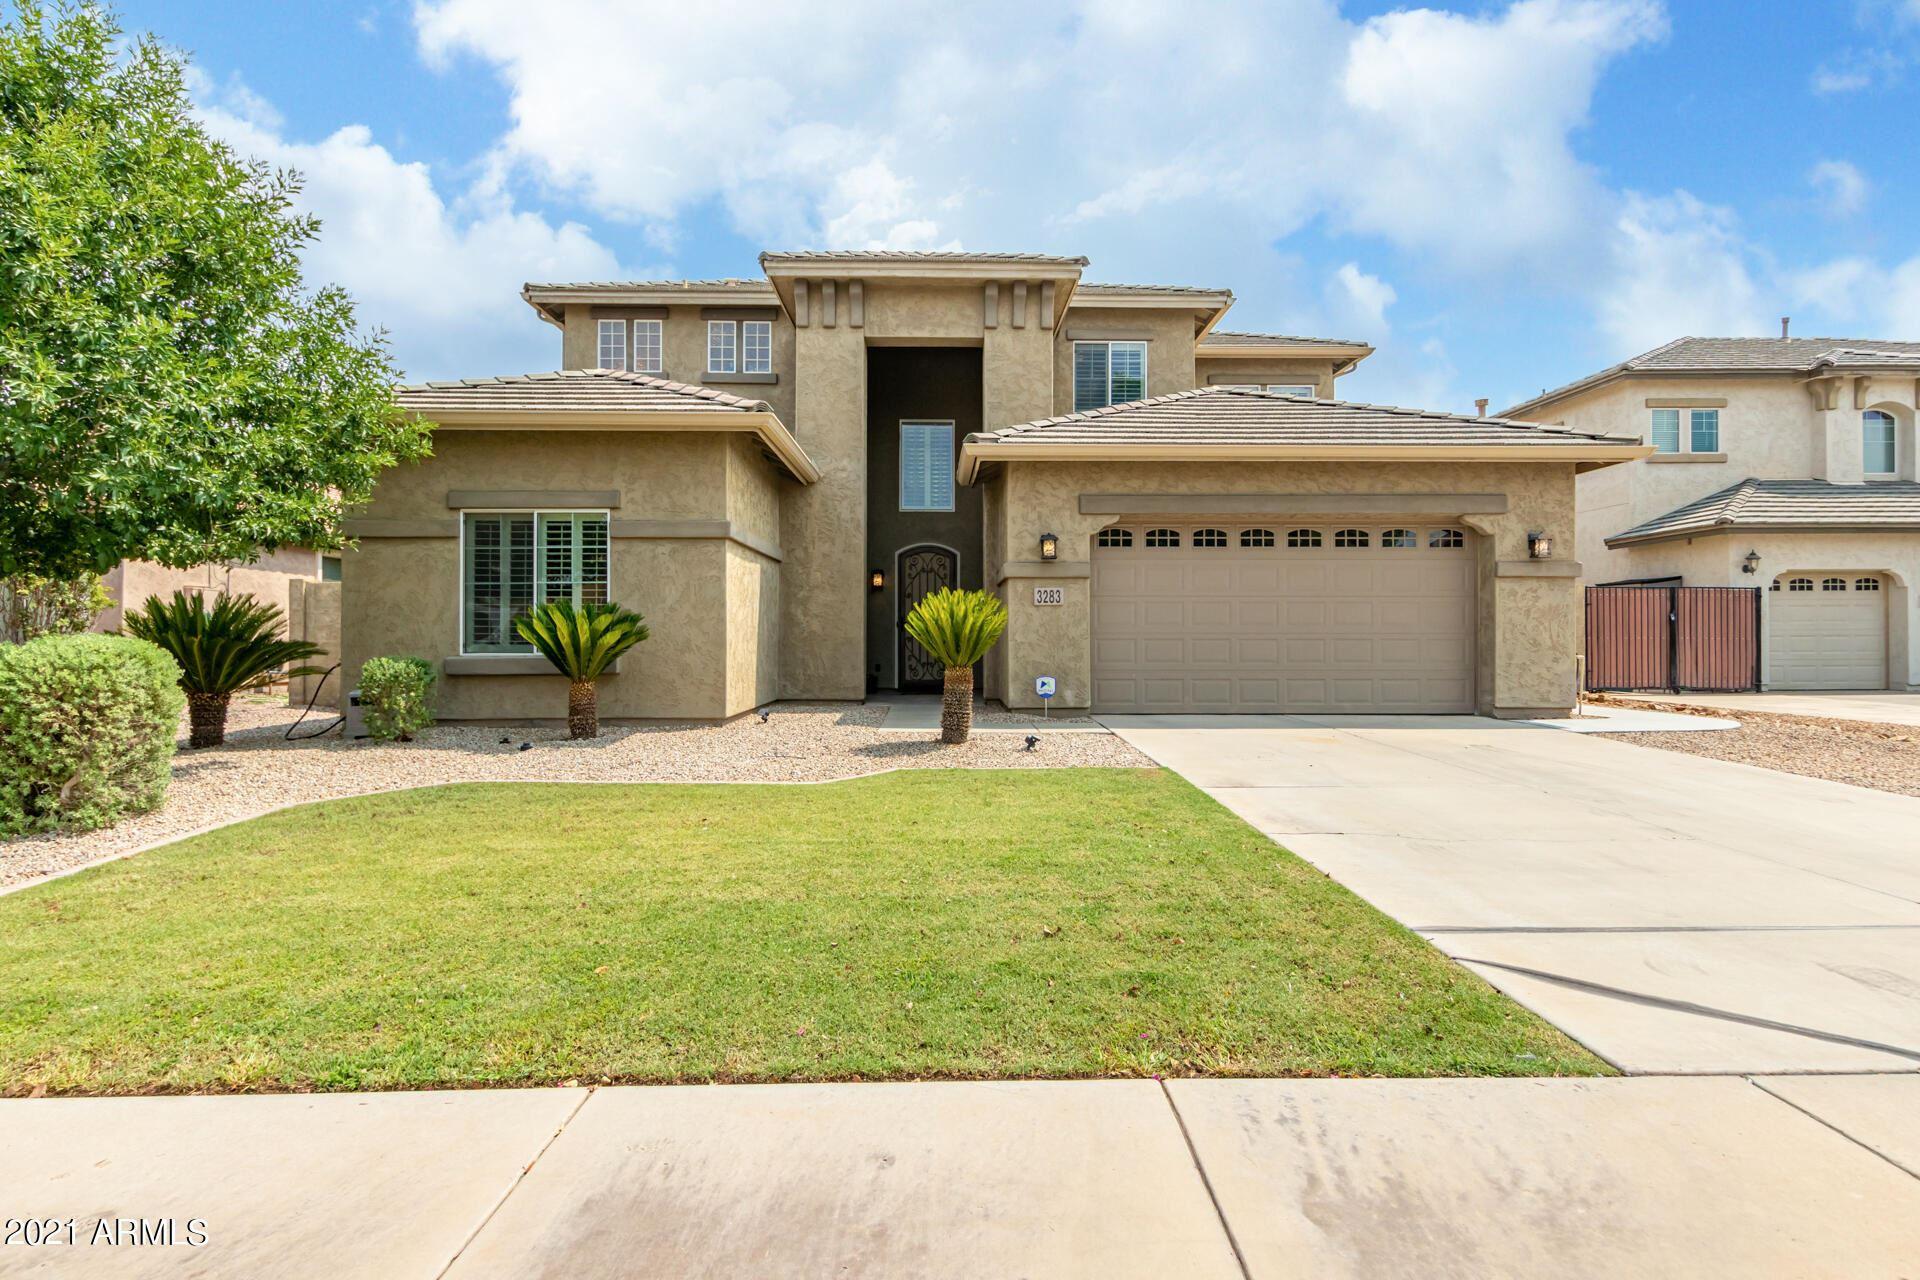 Photo of 3283 E FAIRVIEW Street, Gilbert, AZ 85295 (MLS # 6269243)